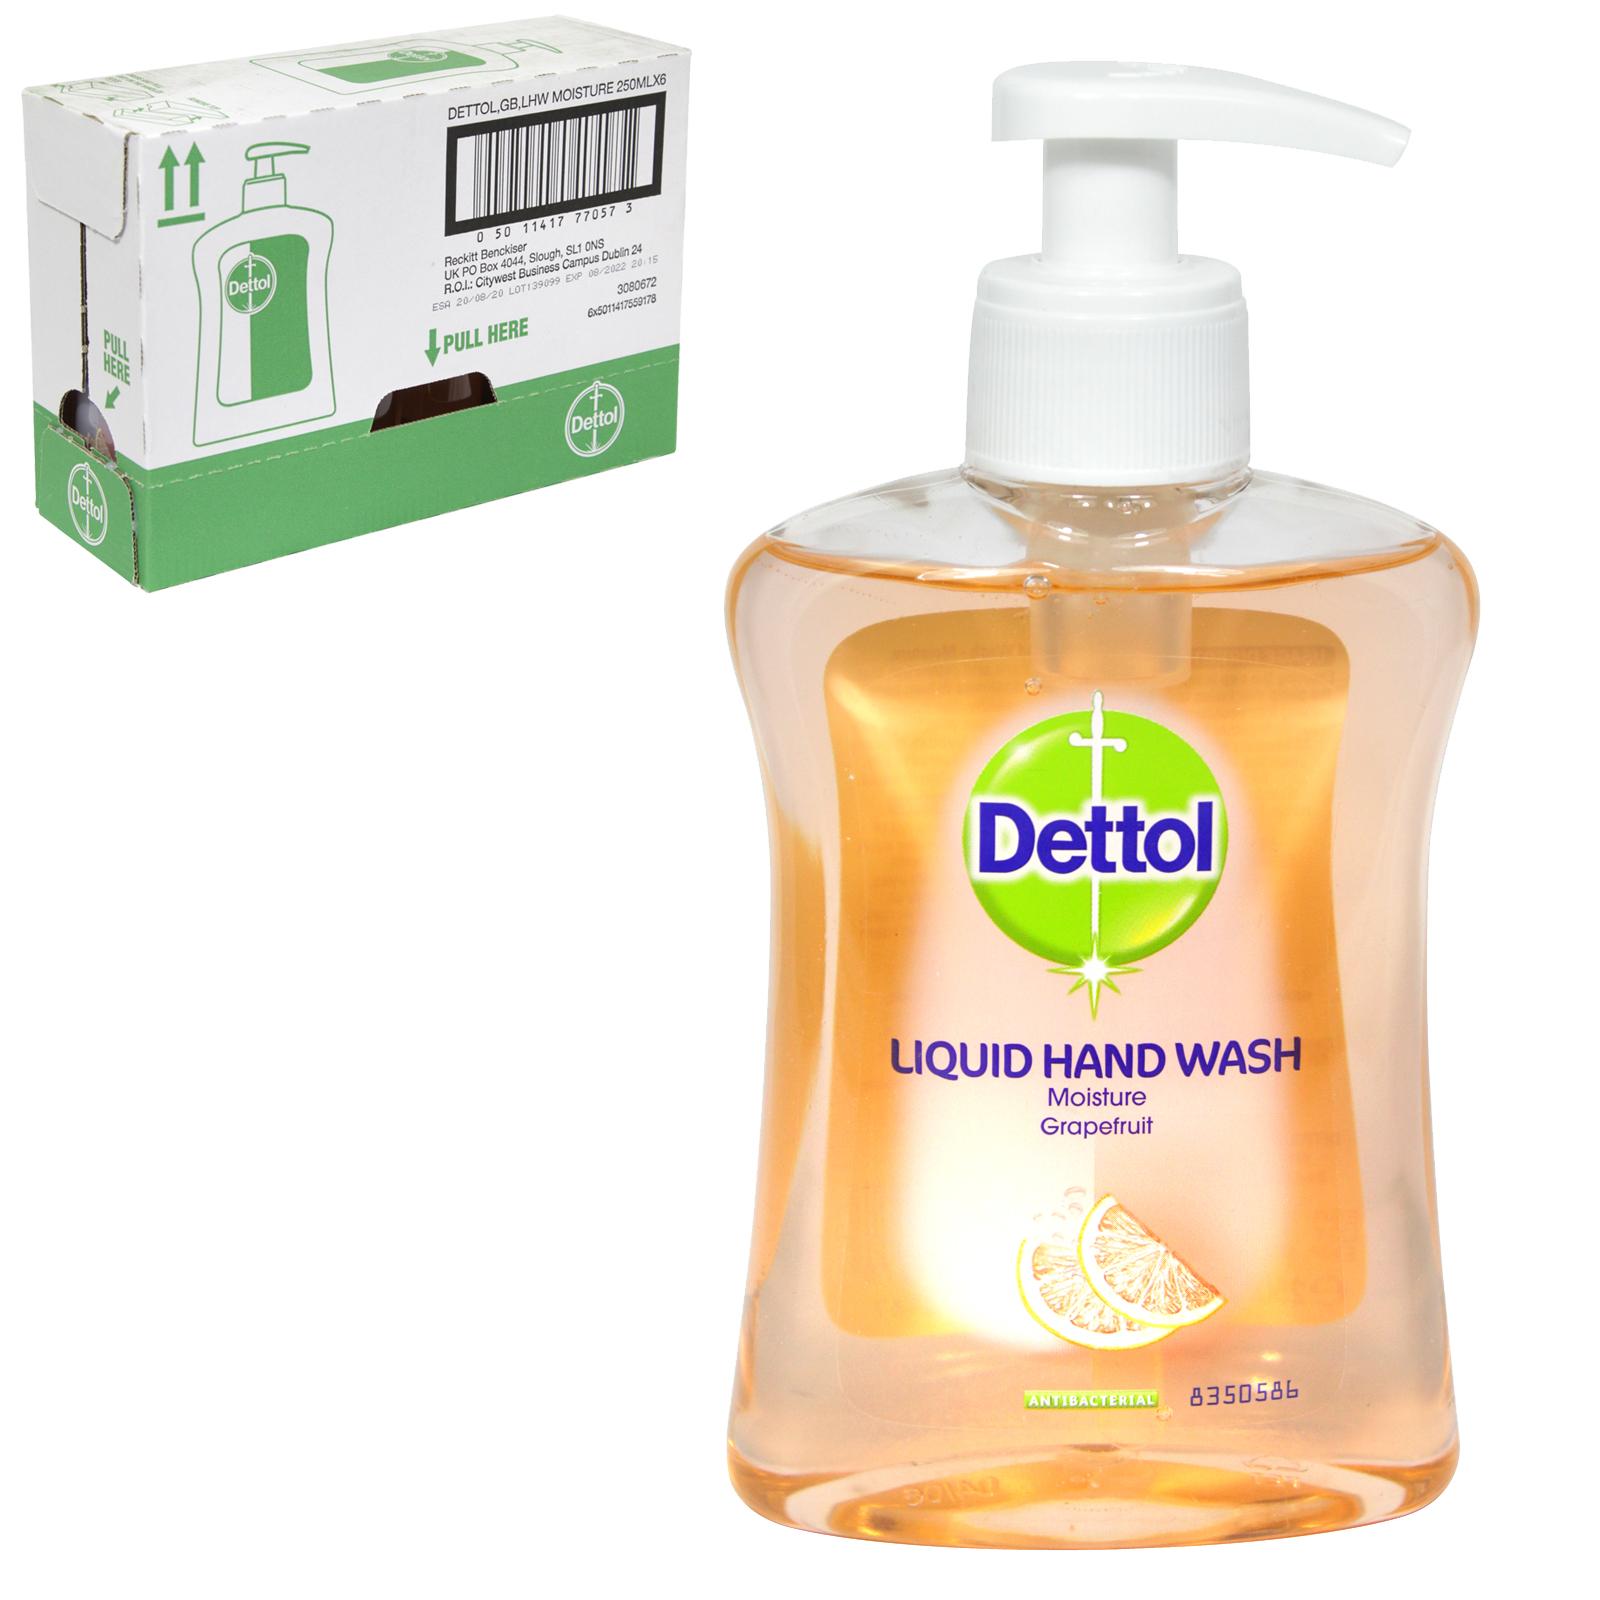 DETTOL LIQUID SOAP 250ML MOISTURISING GRAPEFRUIT X6